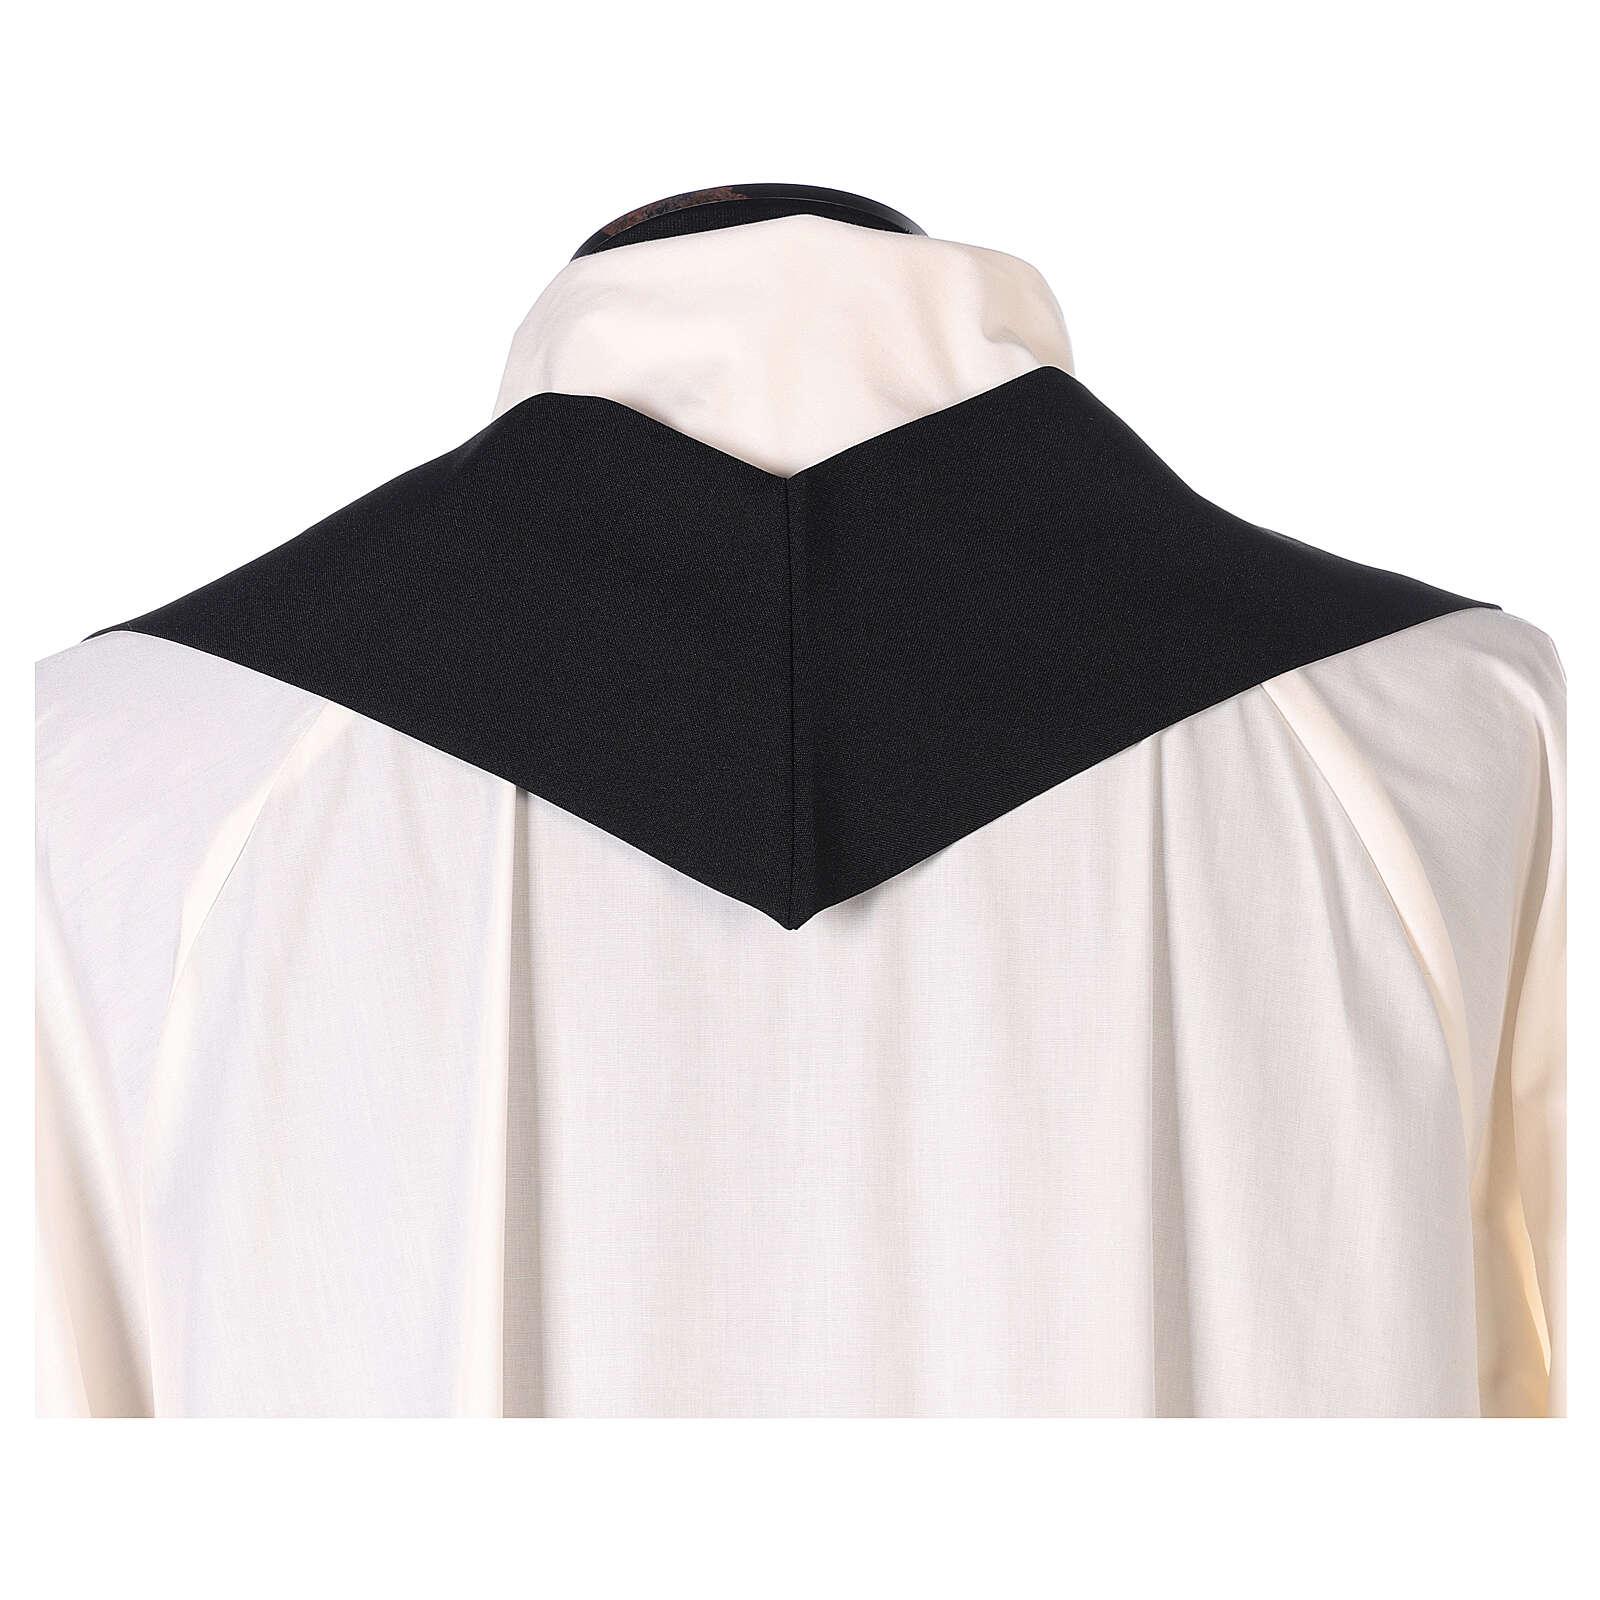 Casulla monocolor negra simple 100% poliéster 4